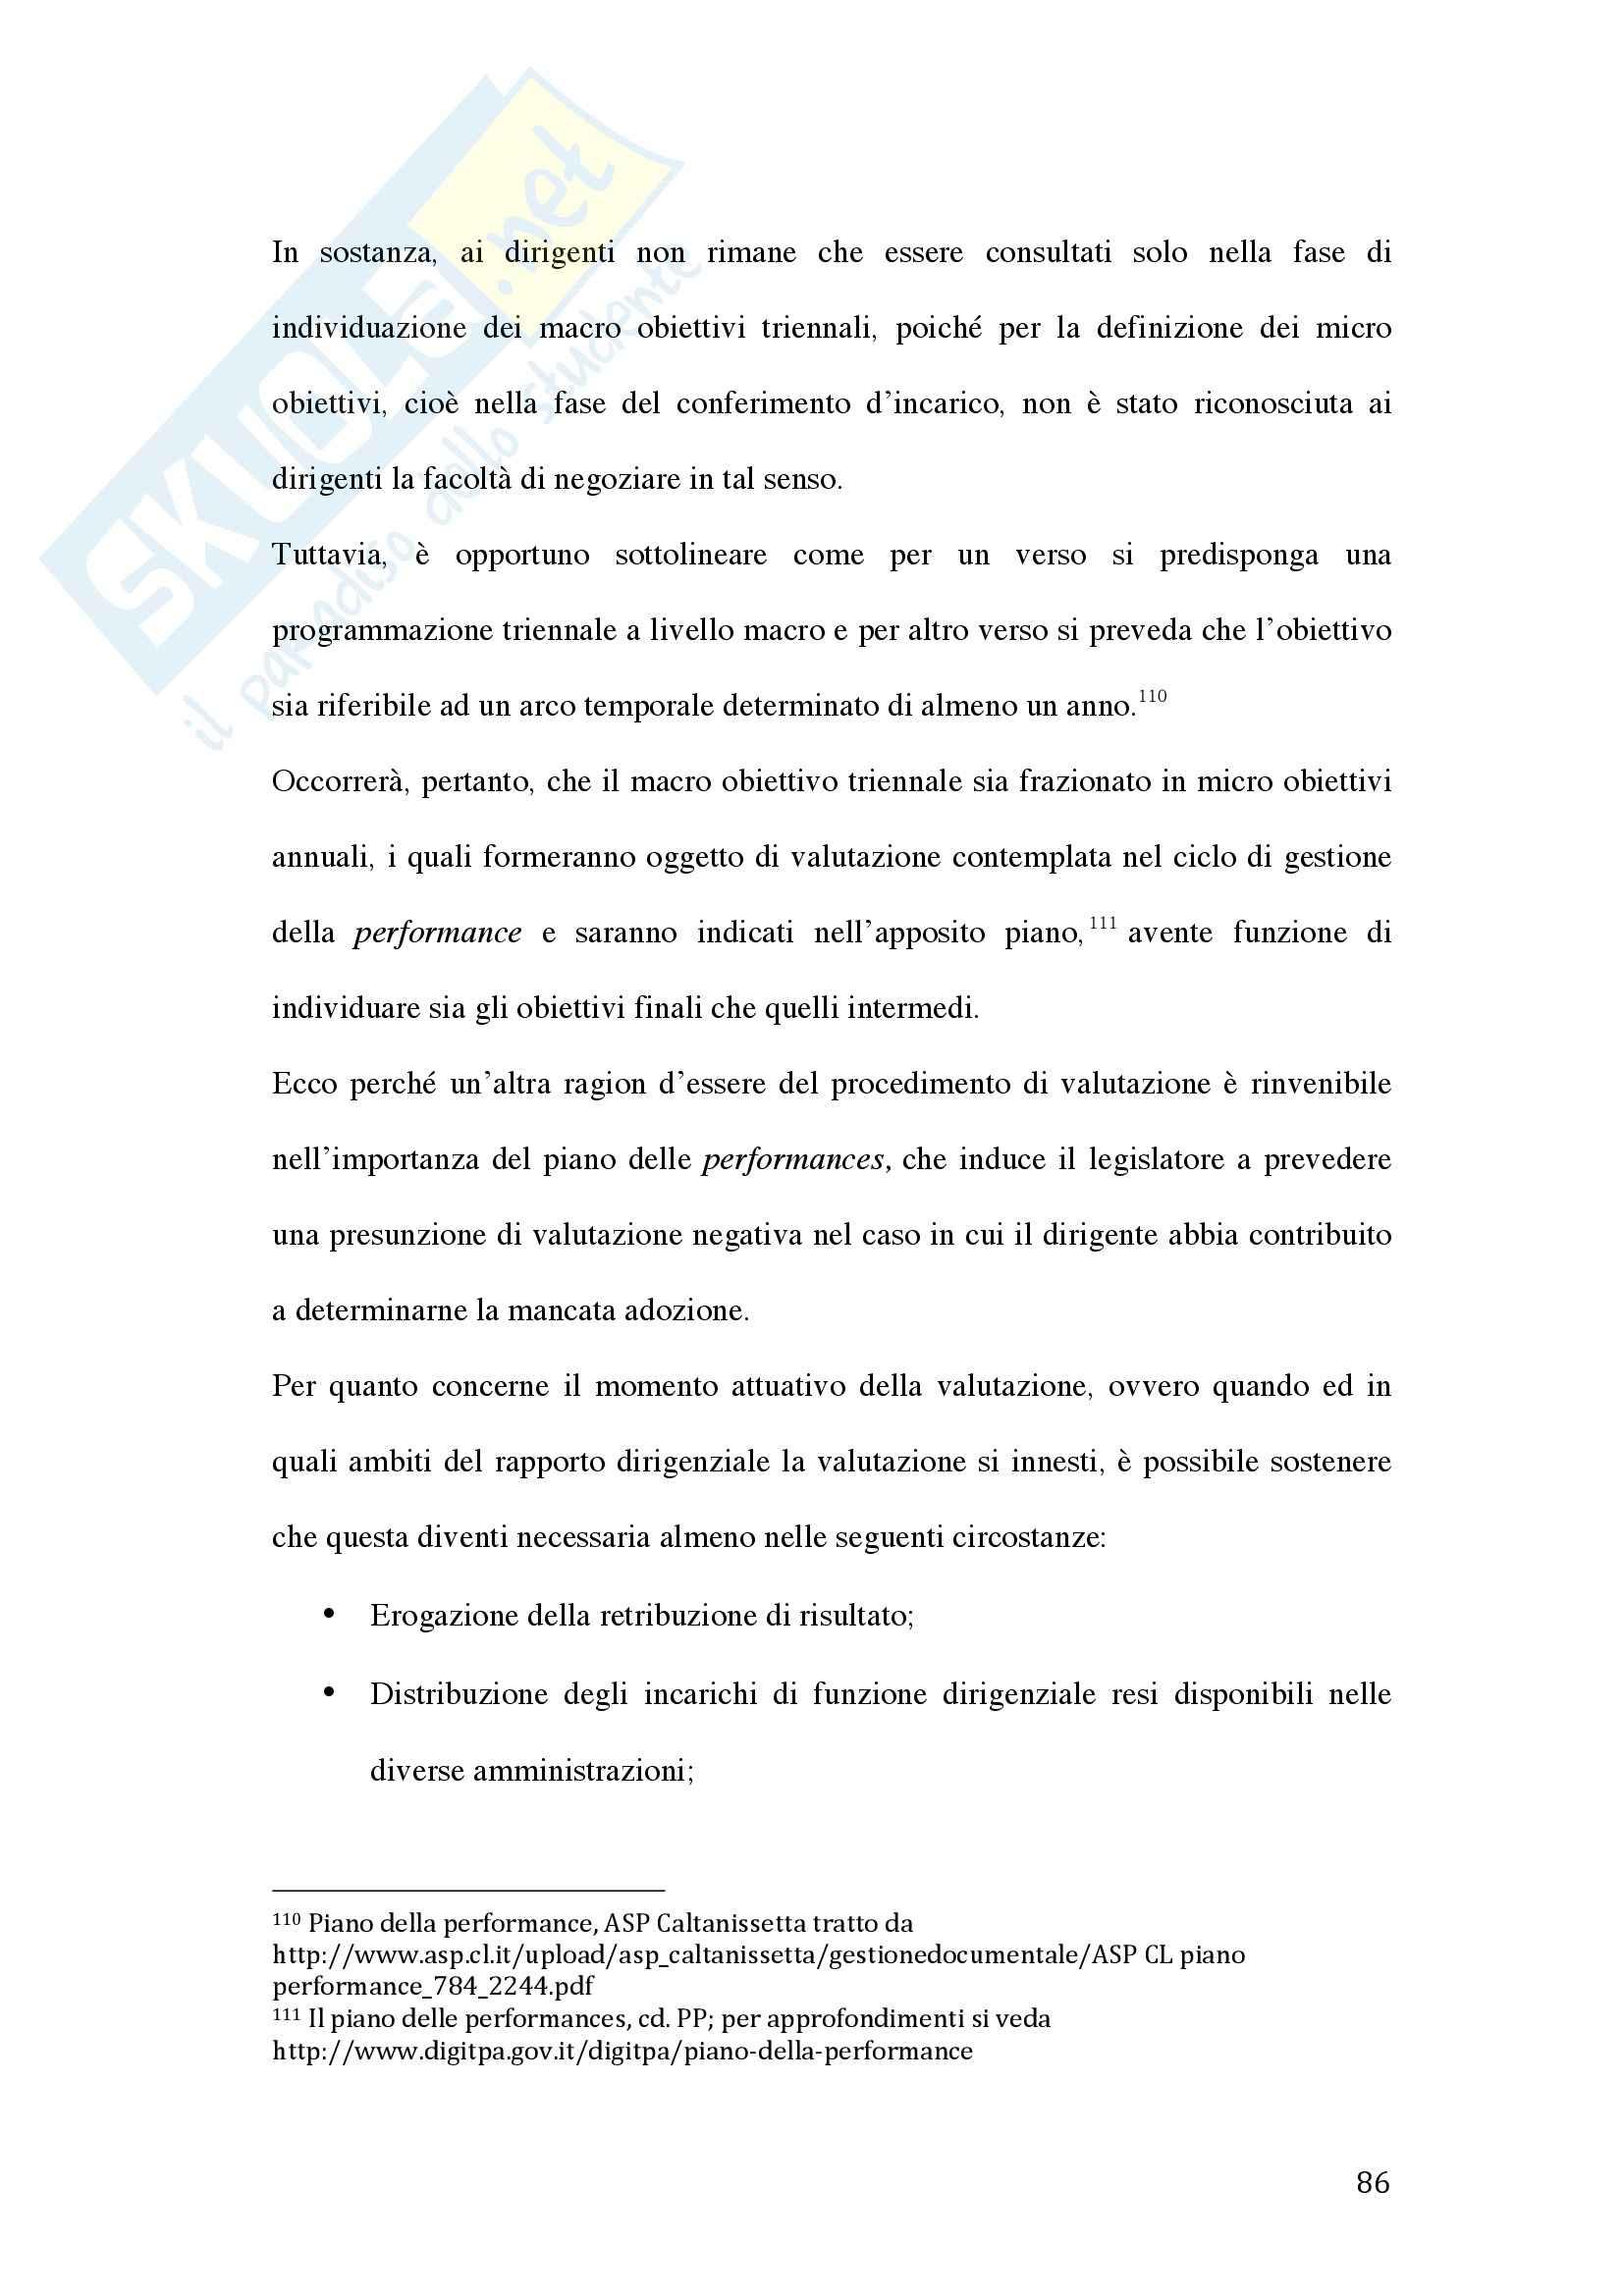 Tesi - La valutazione della dirigenza nelle pubbliche amministrazioni Pag. 86